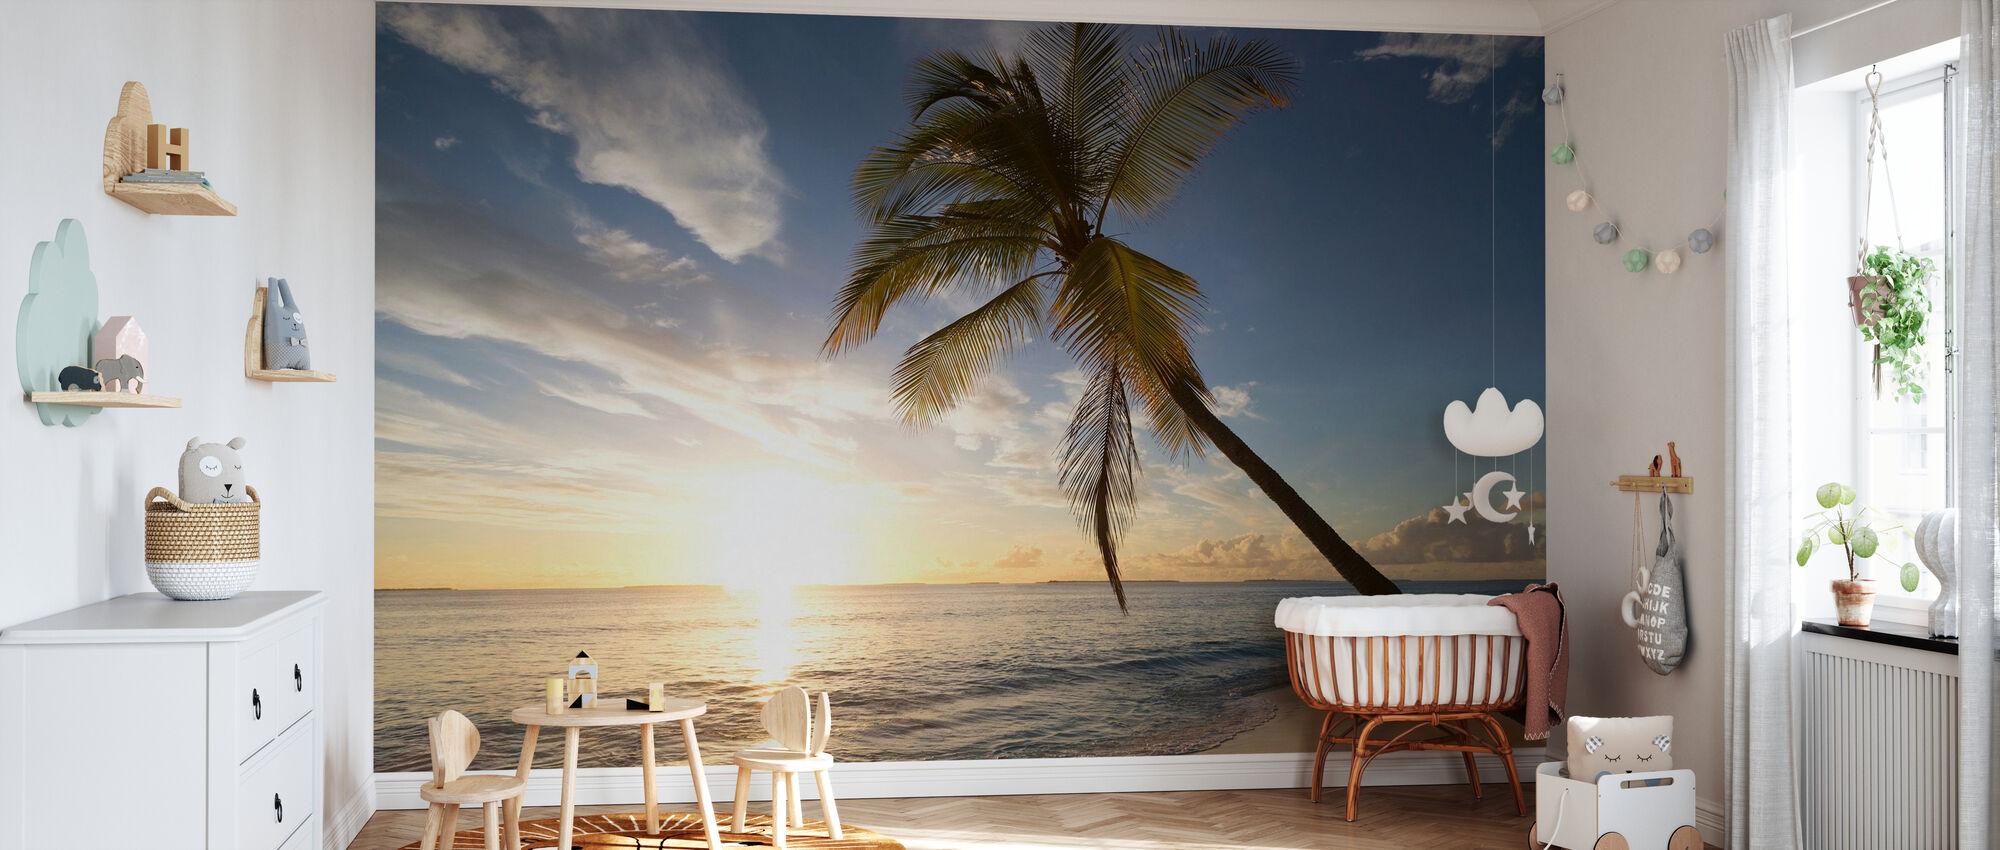 Tropical Sunset - Wallpaper - Nursery